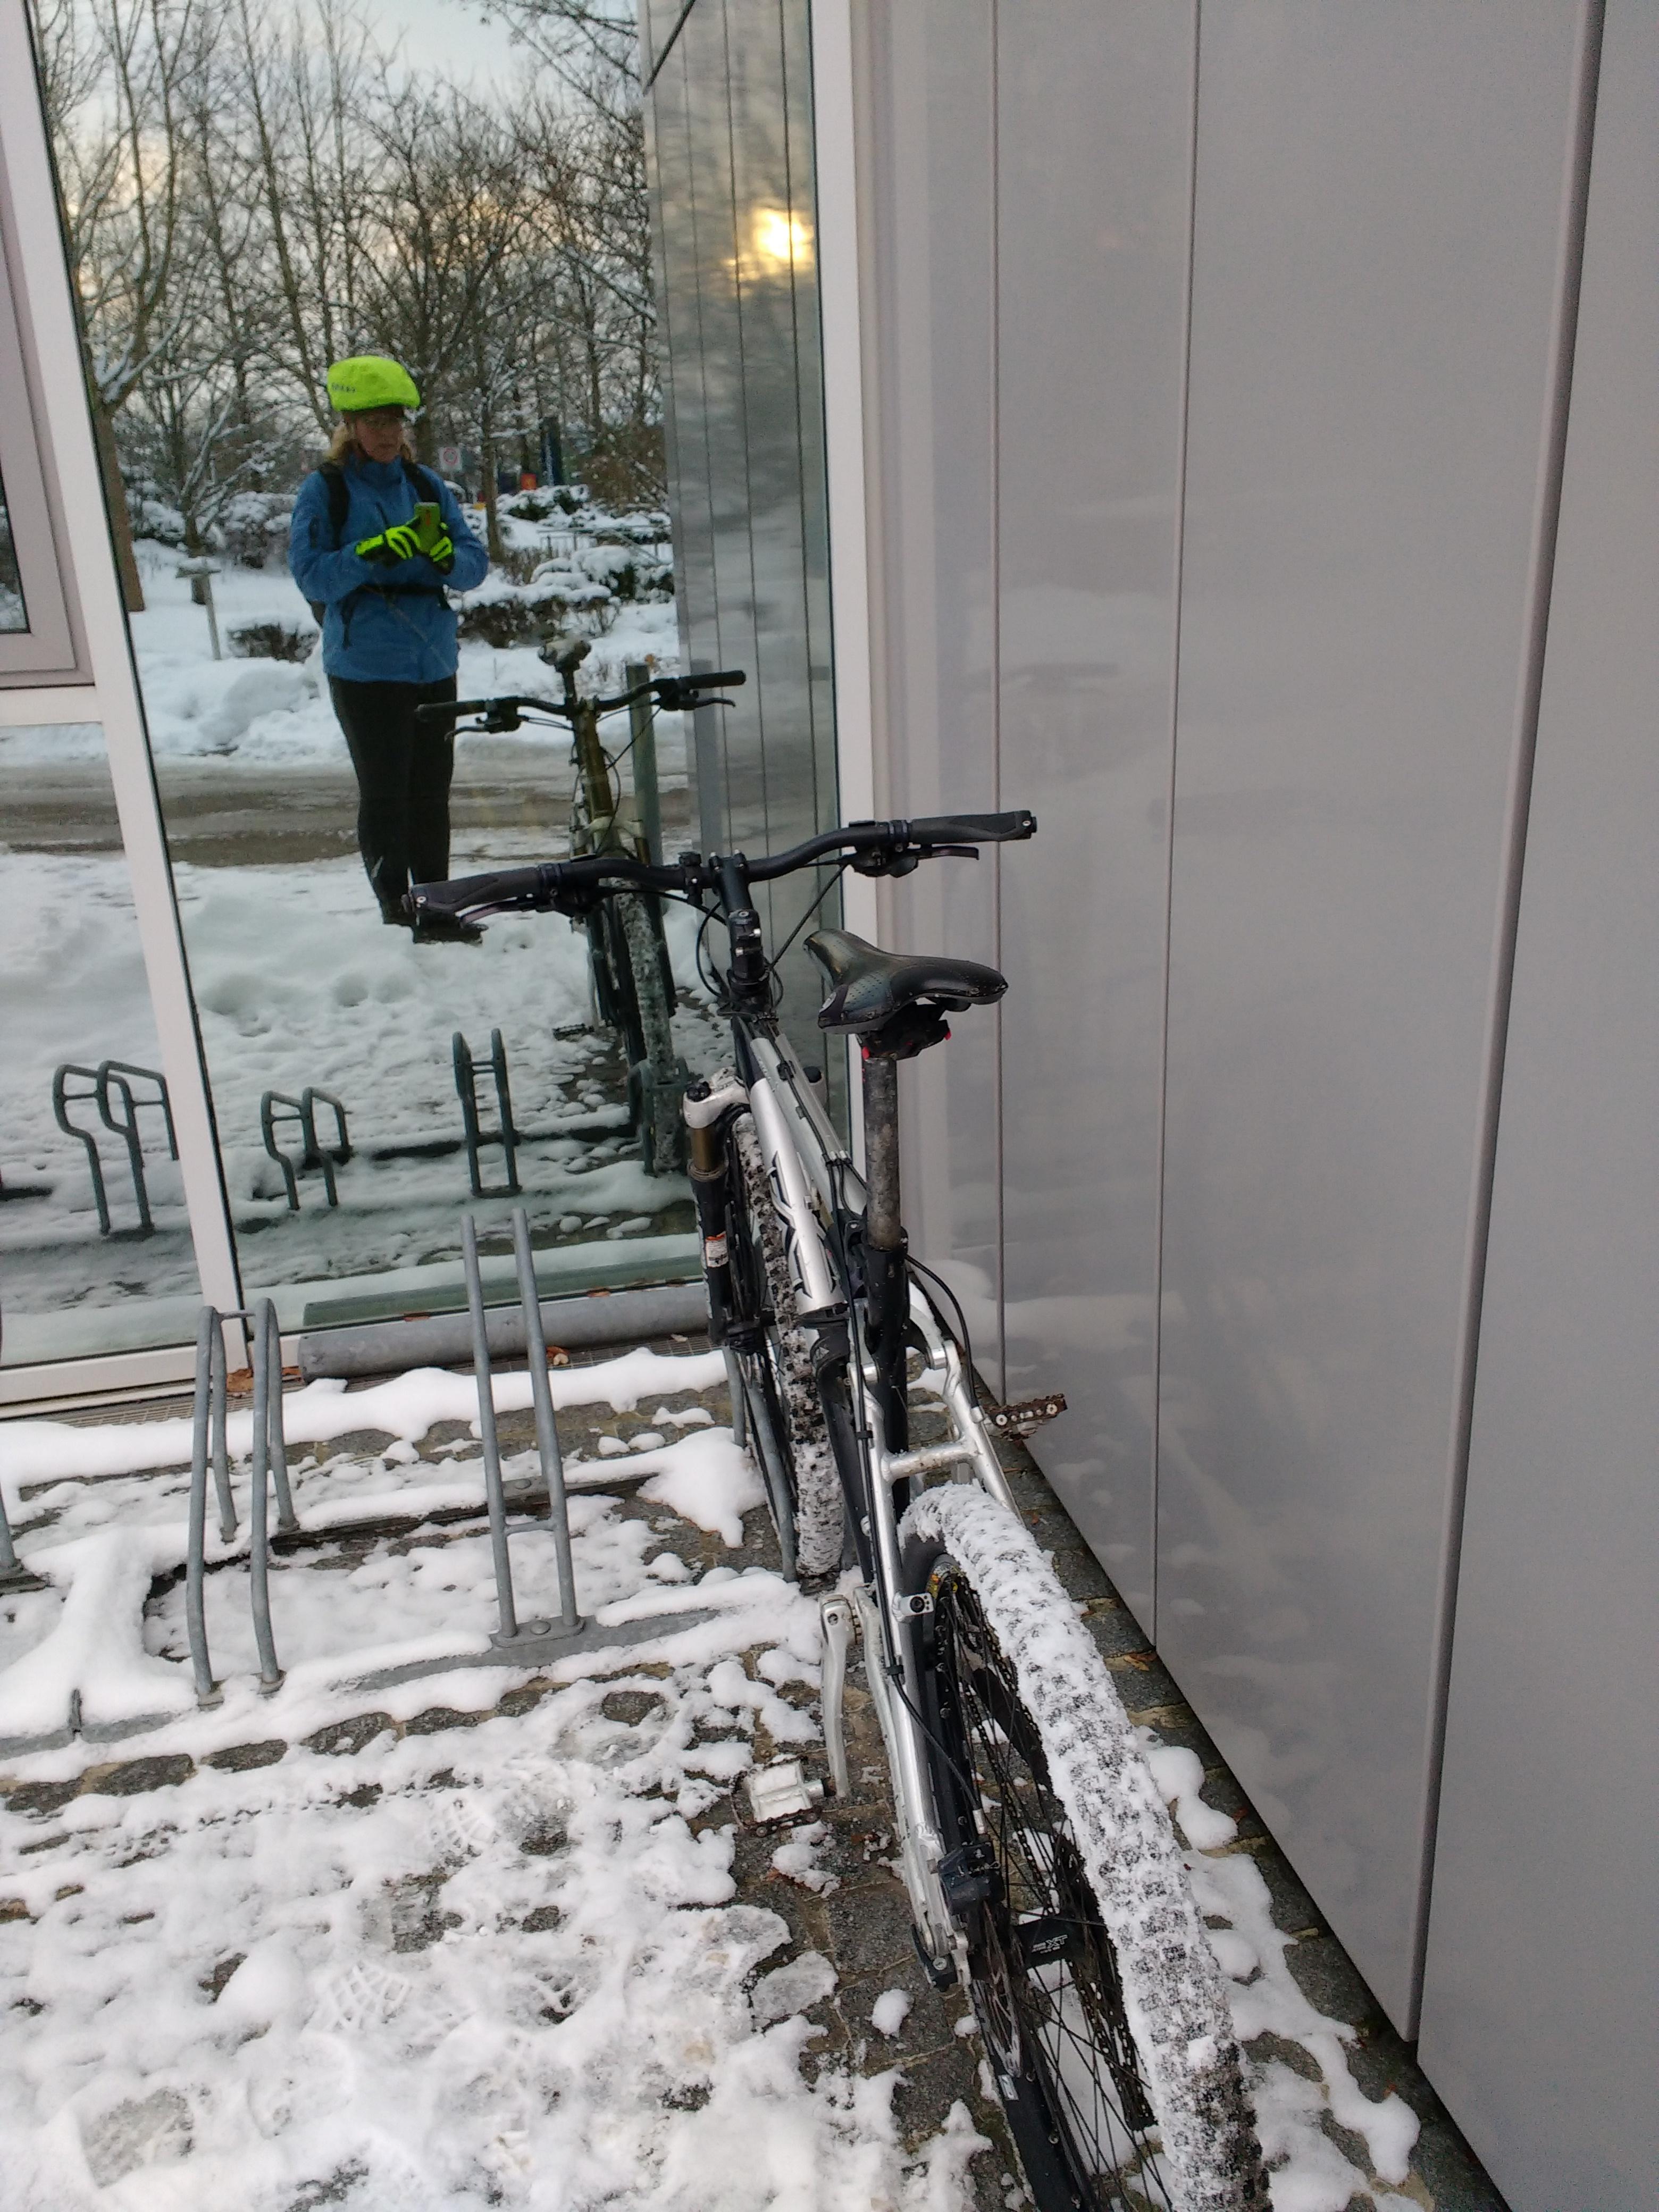 Einzelnes Fahrrad in einem Fahrradständer